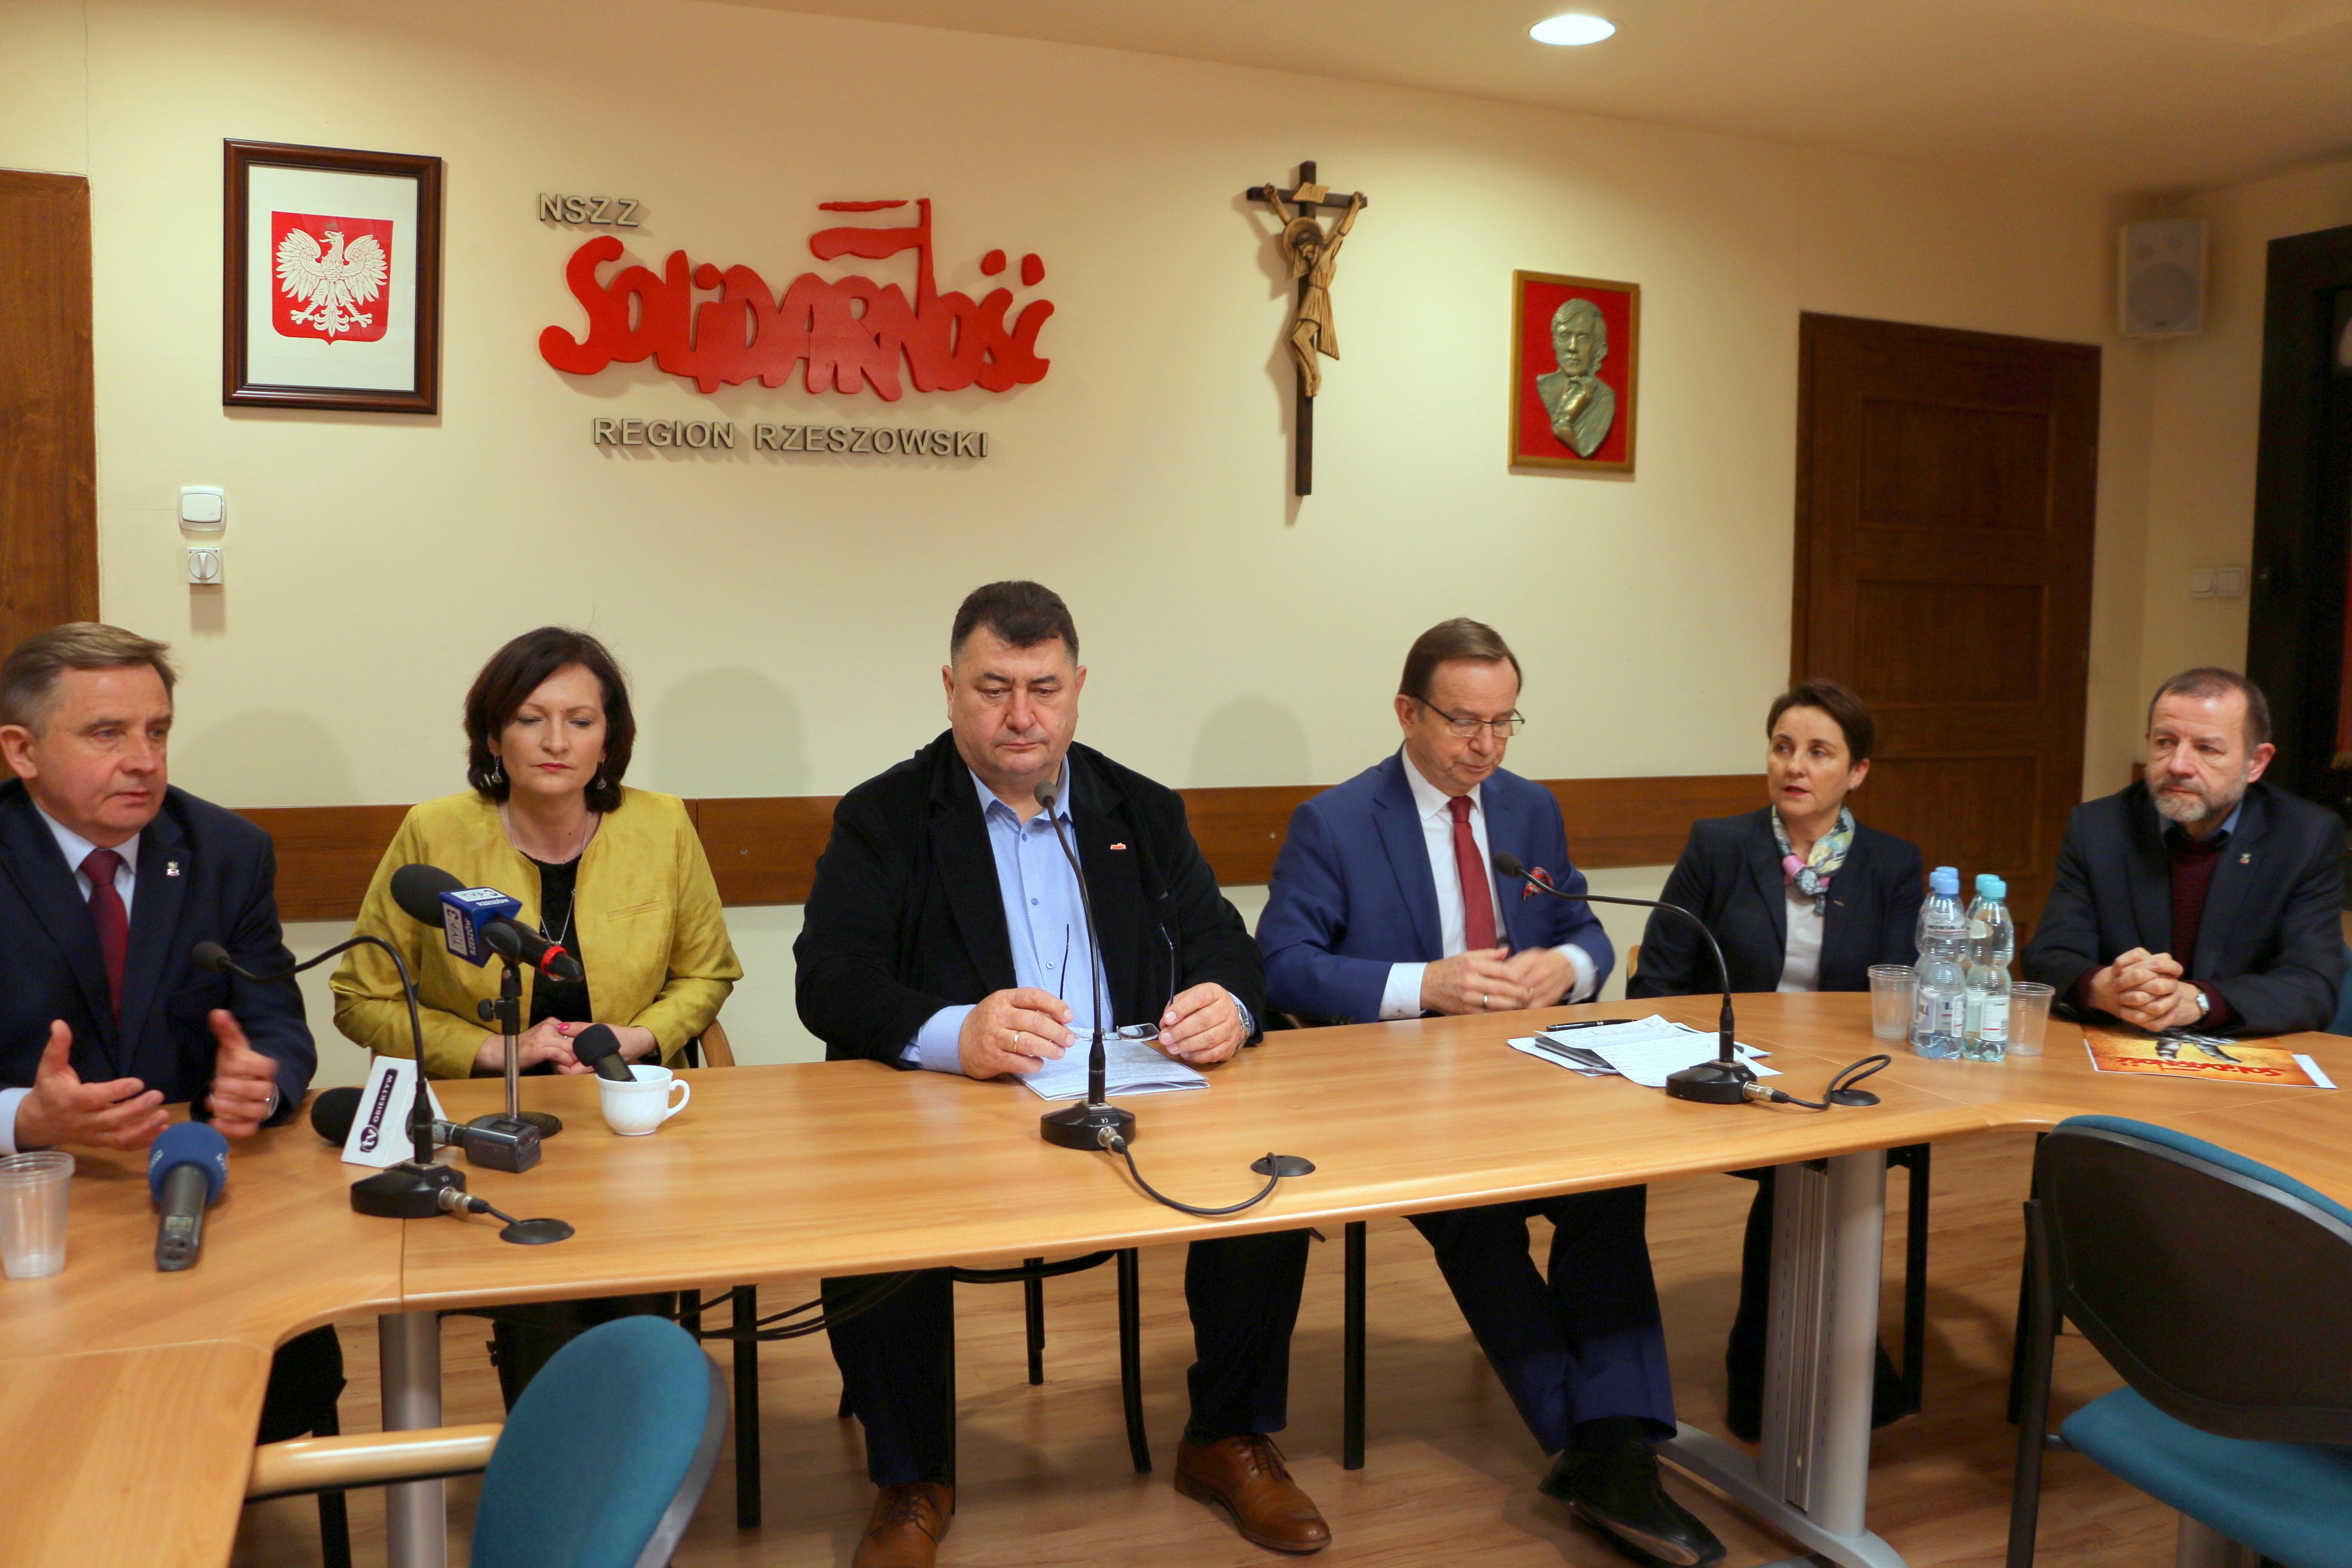 Konferencja prasowa rzeszowskiej Solidarności 4.02.2019 r.